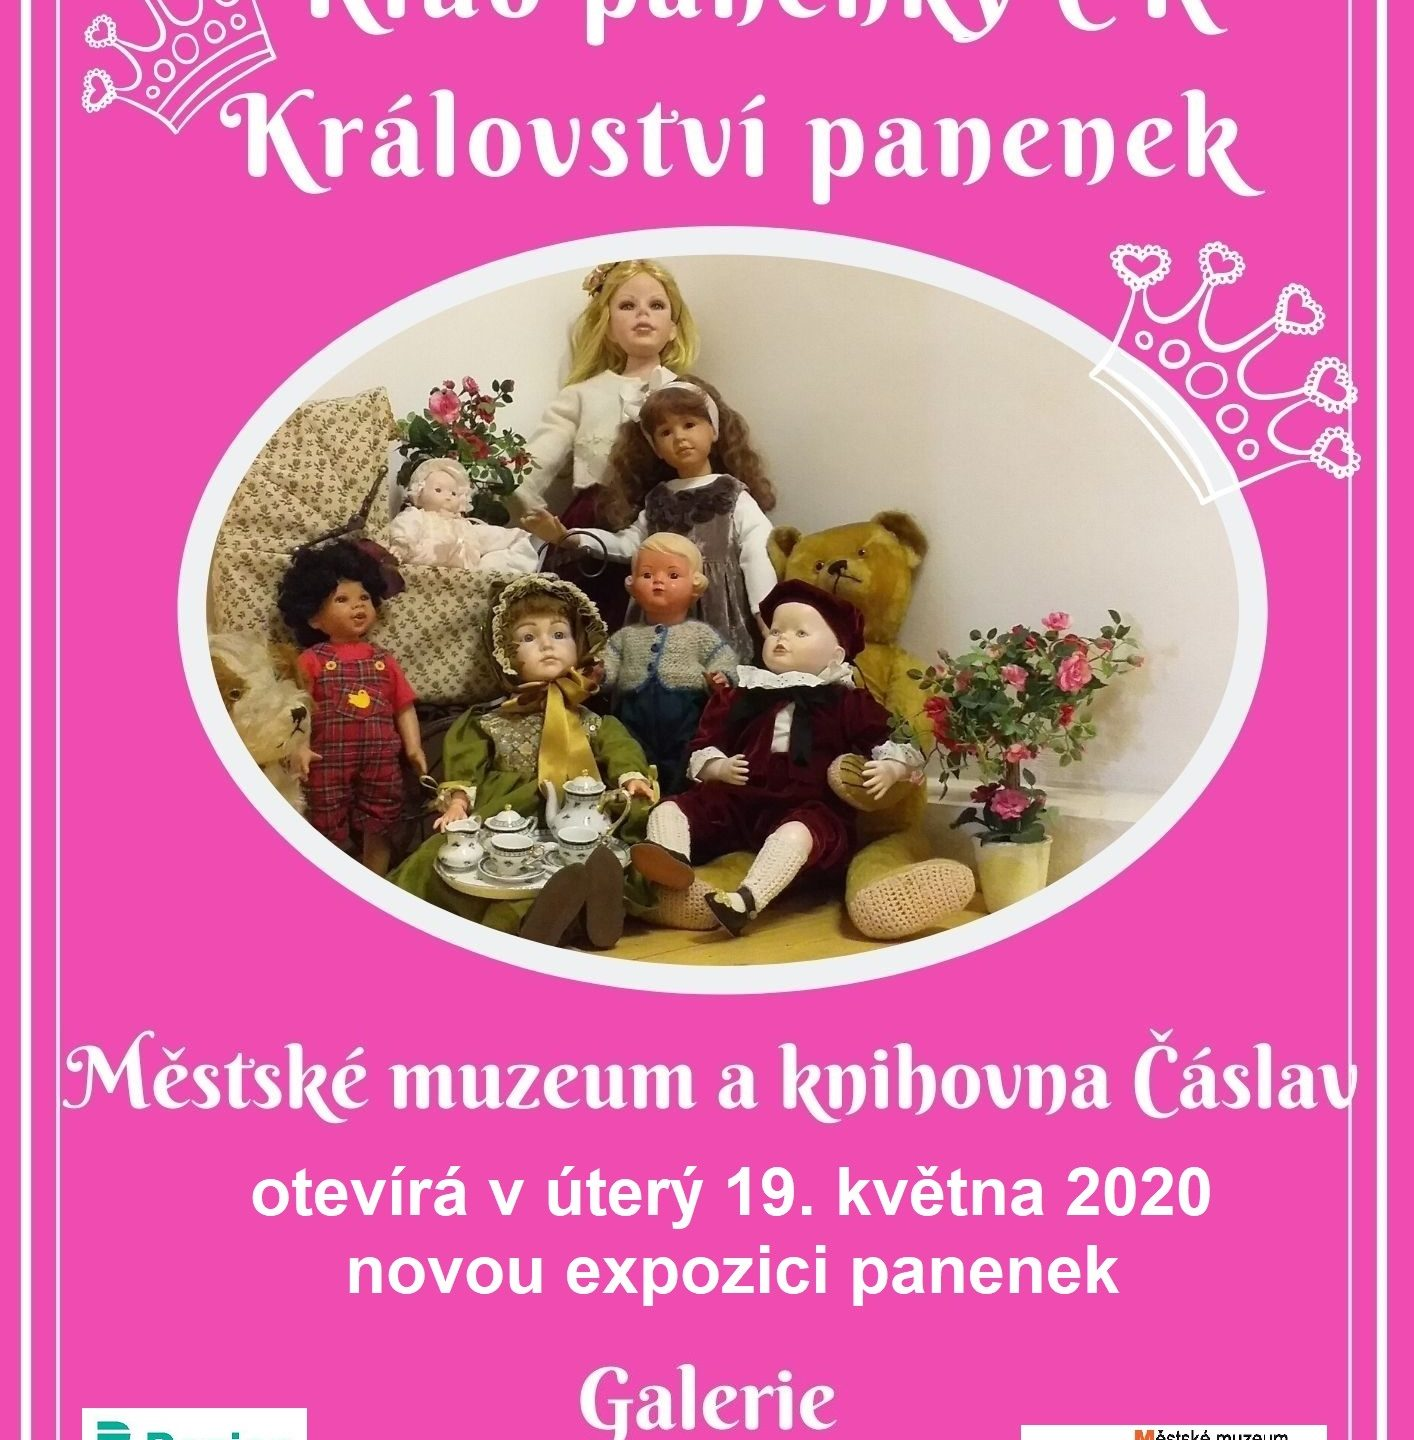 Nová expozice panenek v galerii, Jeníkovská 222